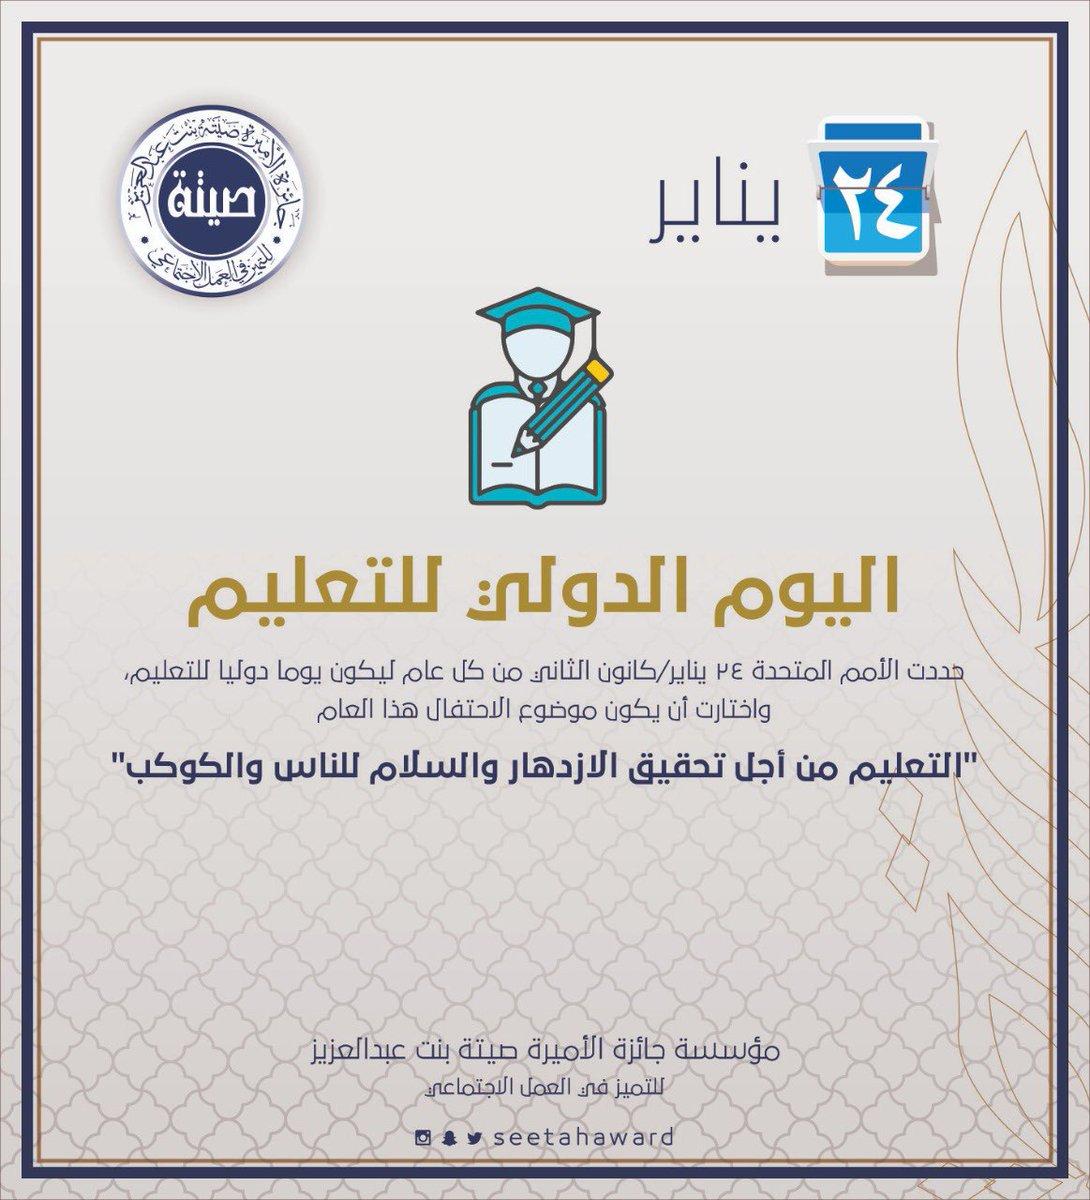 >اليوم الدولي للتعليم